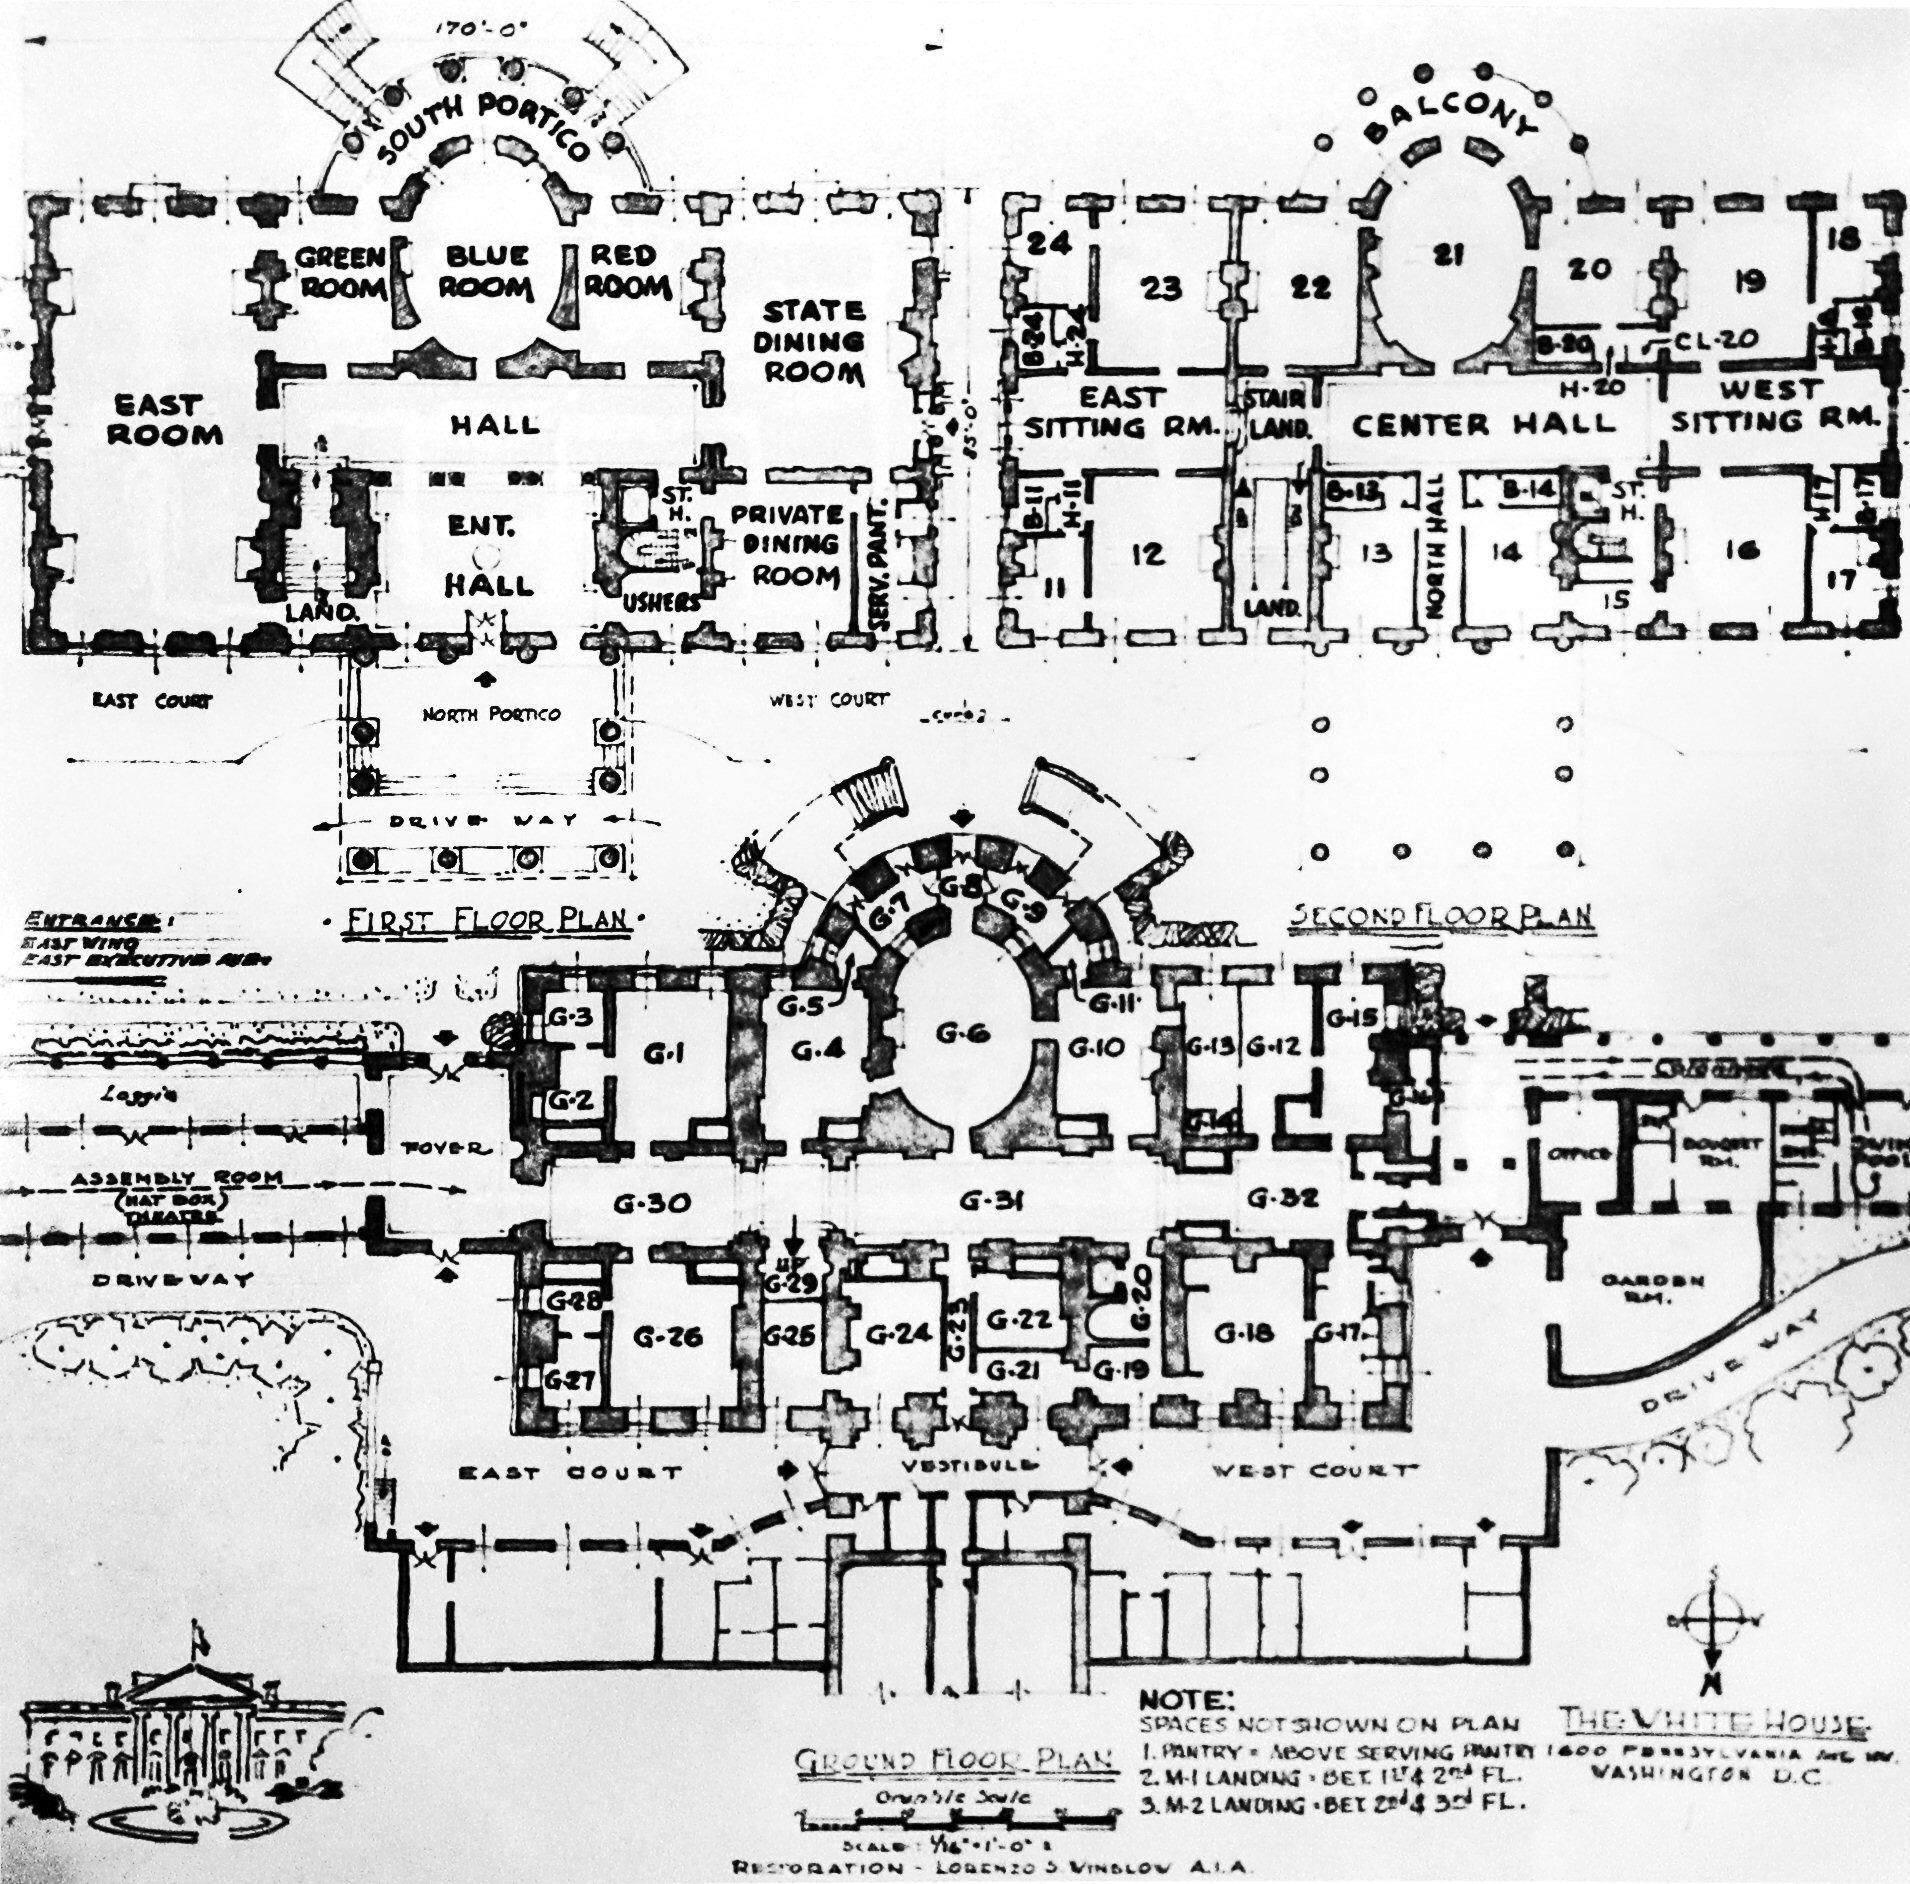 Image From Http Www Whitehousemuseum Org Images Whitehouse Floorplan C1952 Jpg House Floor Plans White House Plans How To Plan